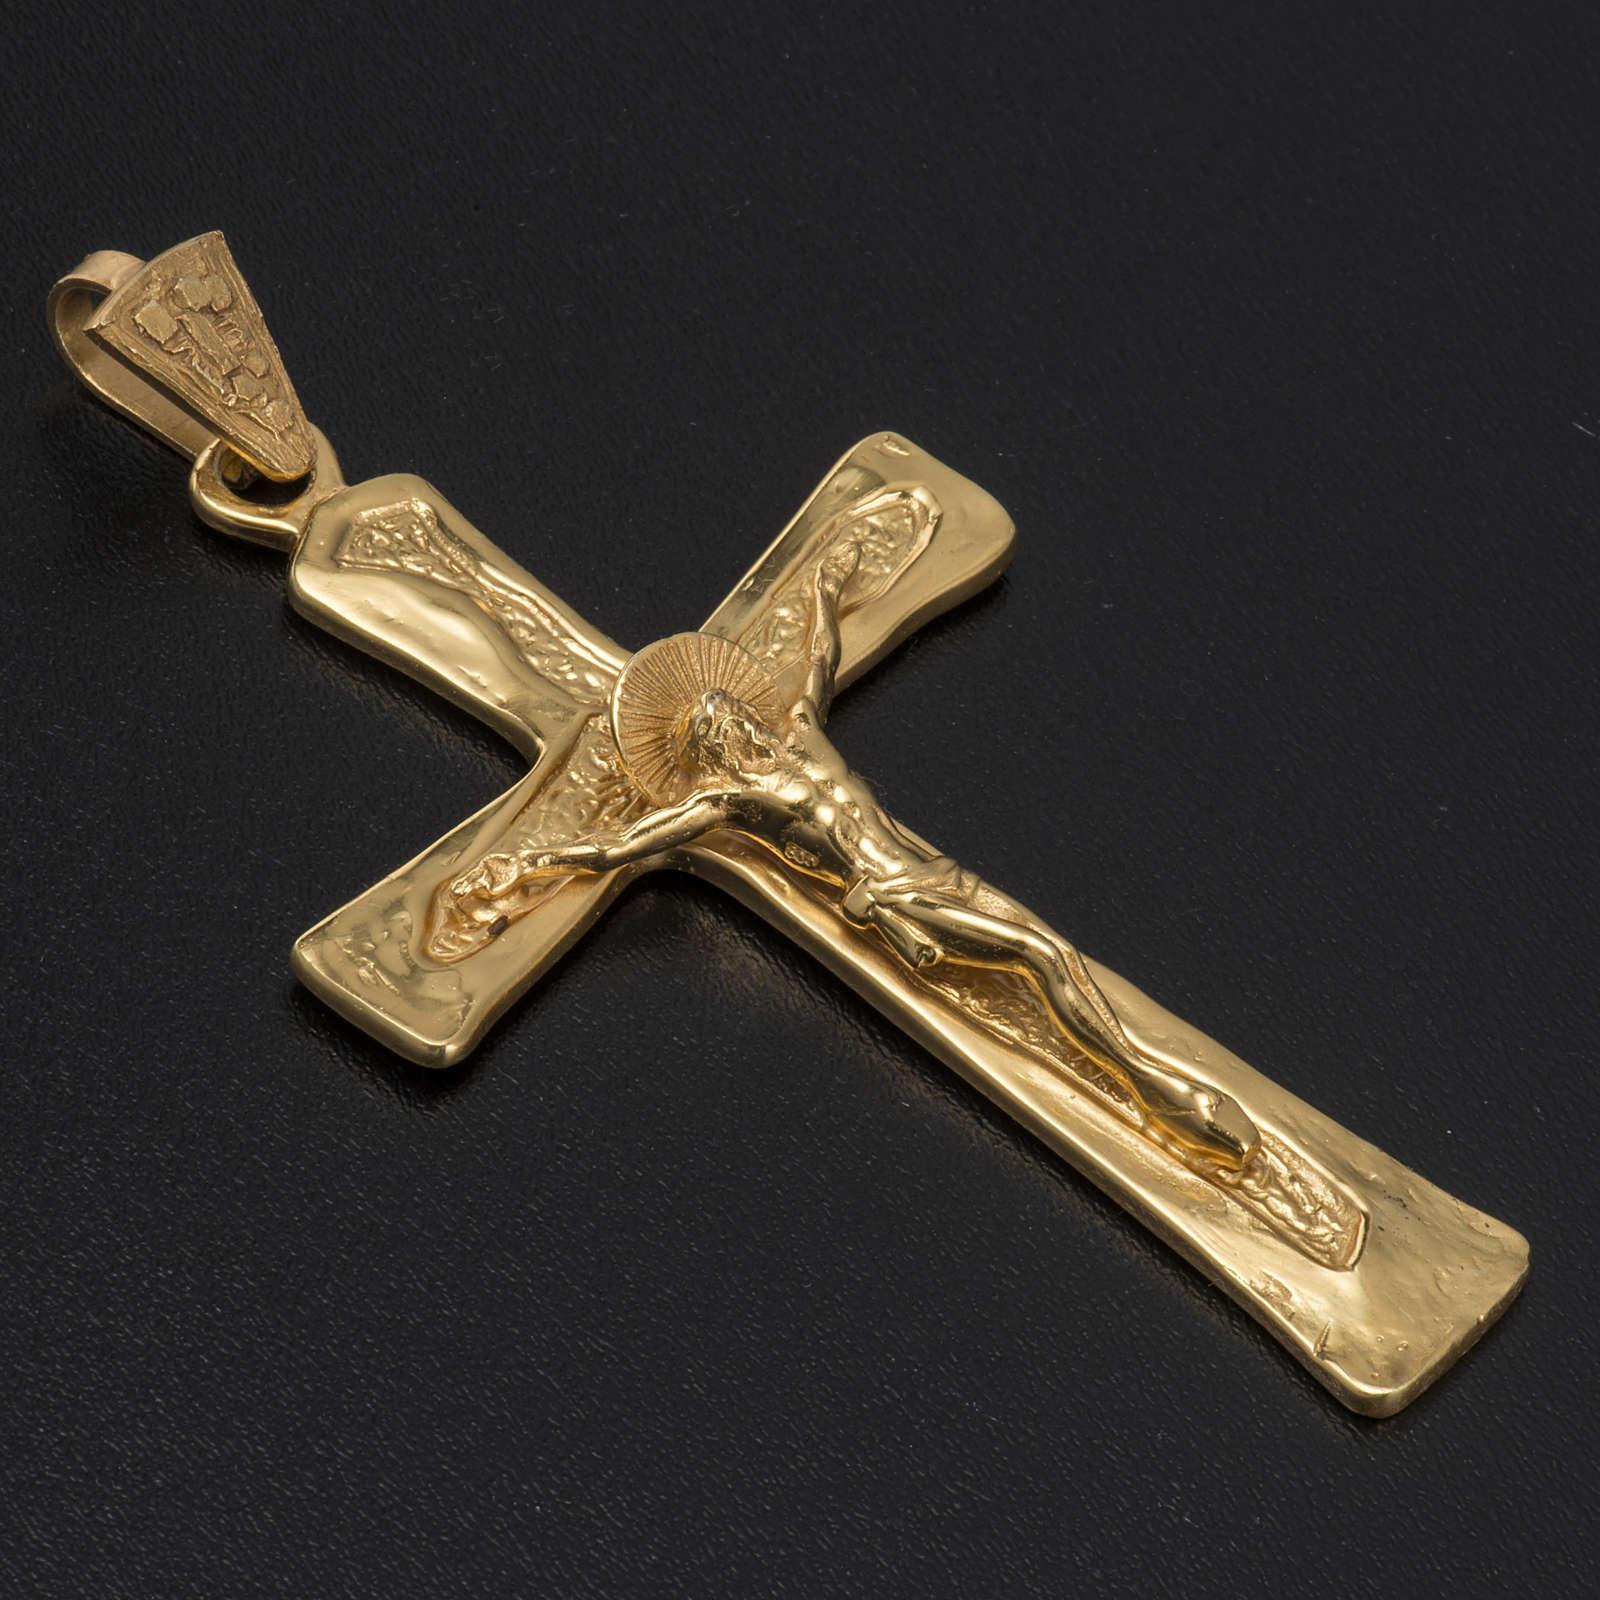 Croce episcopale argento 925 dorato 3